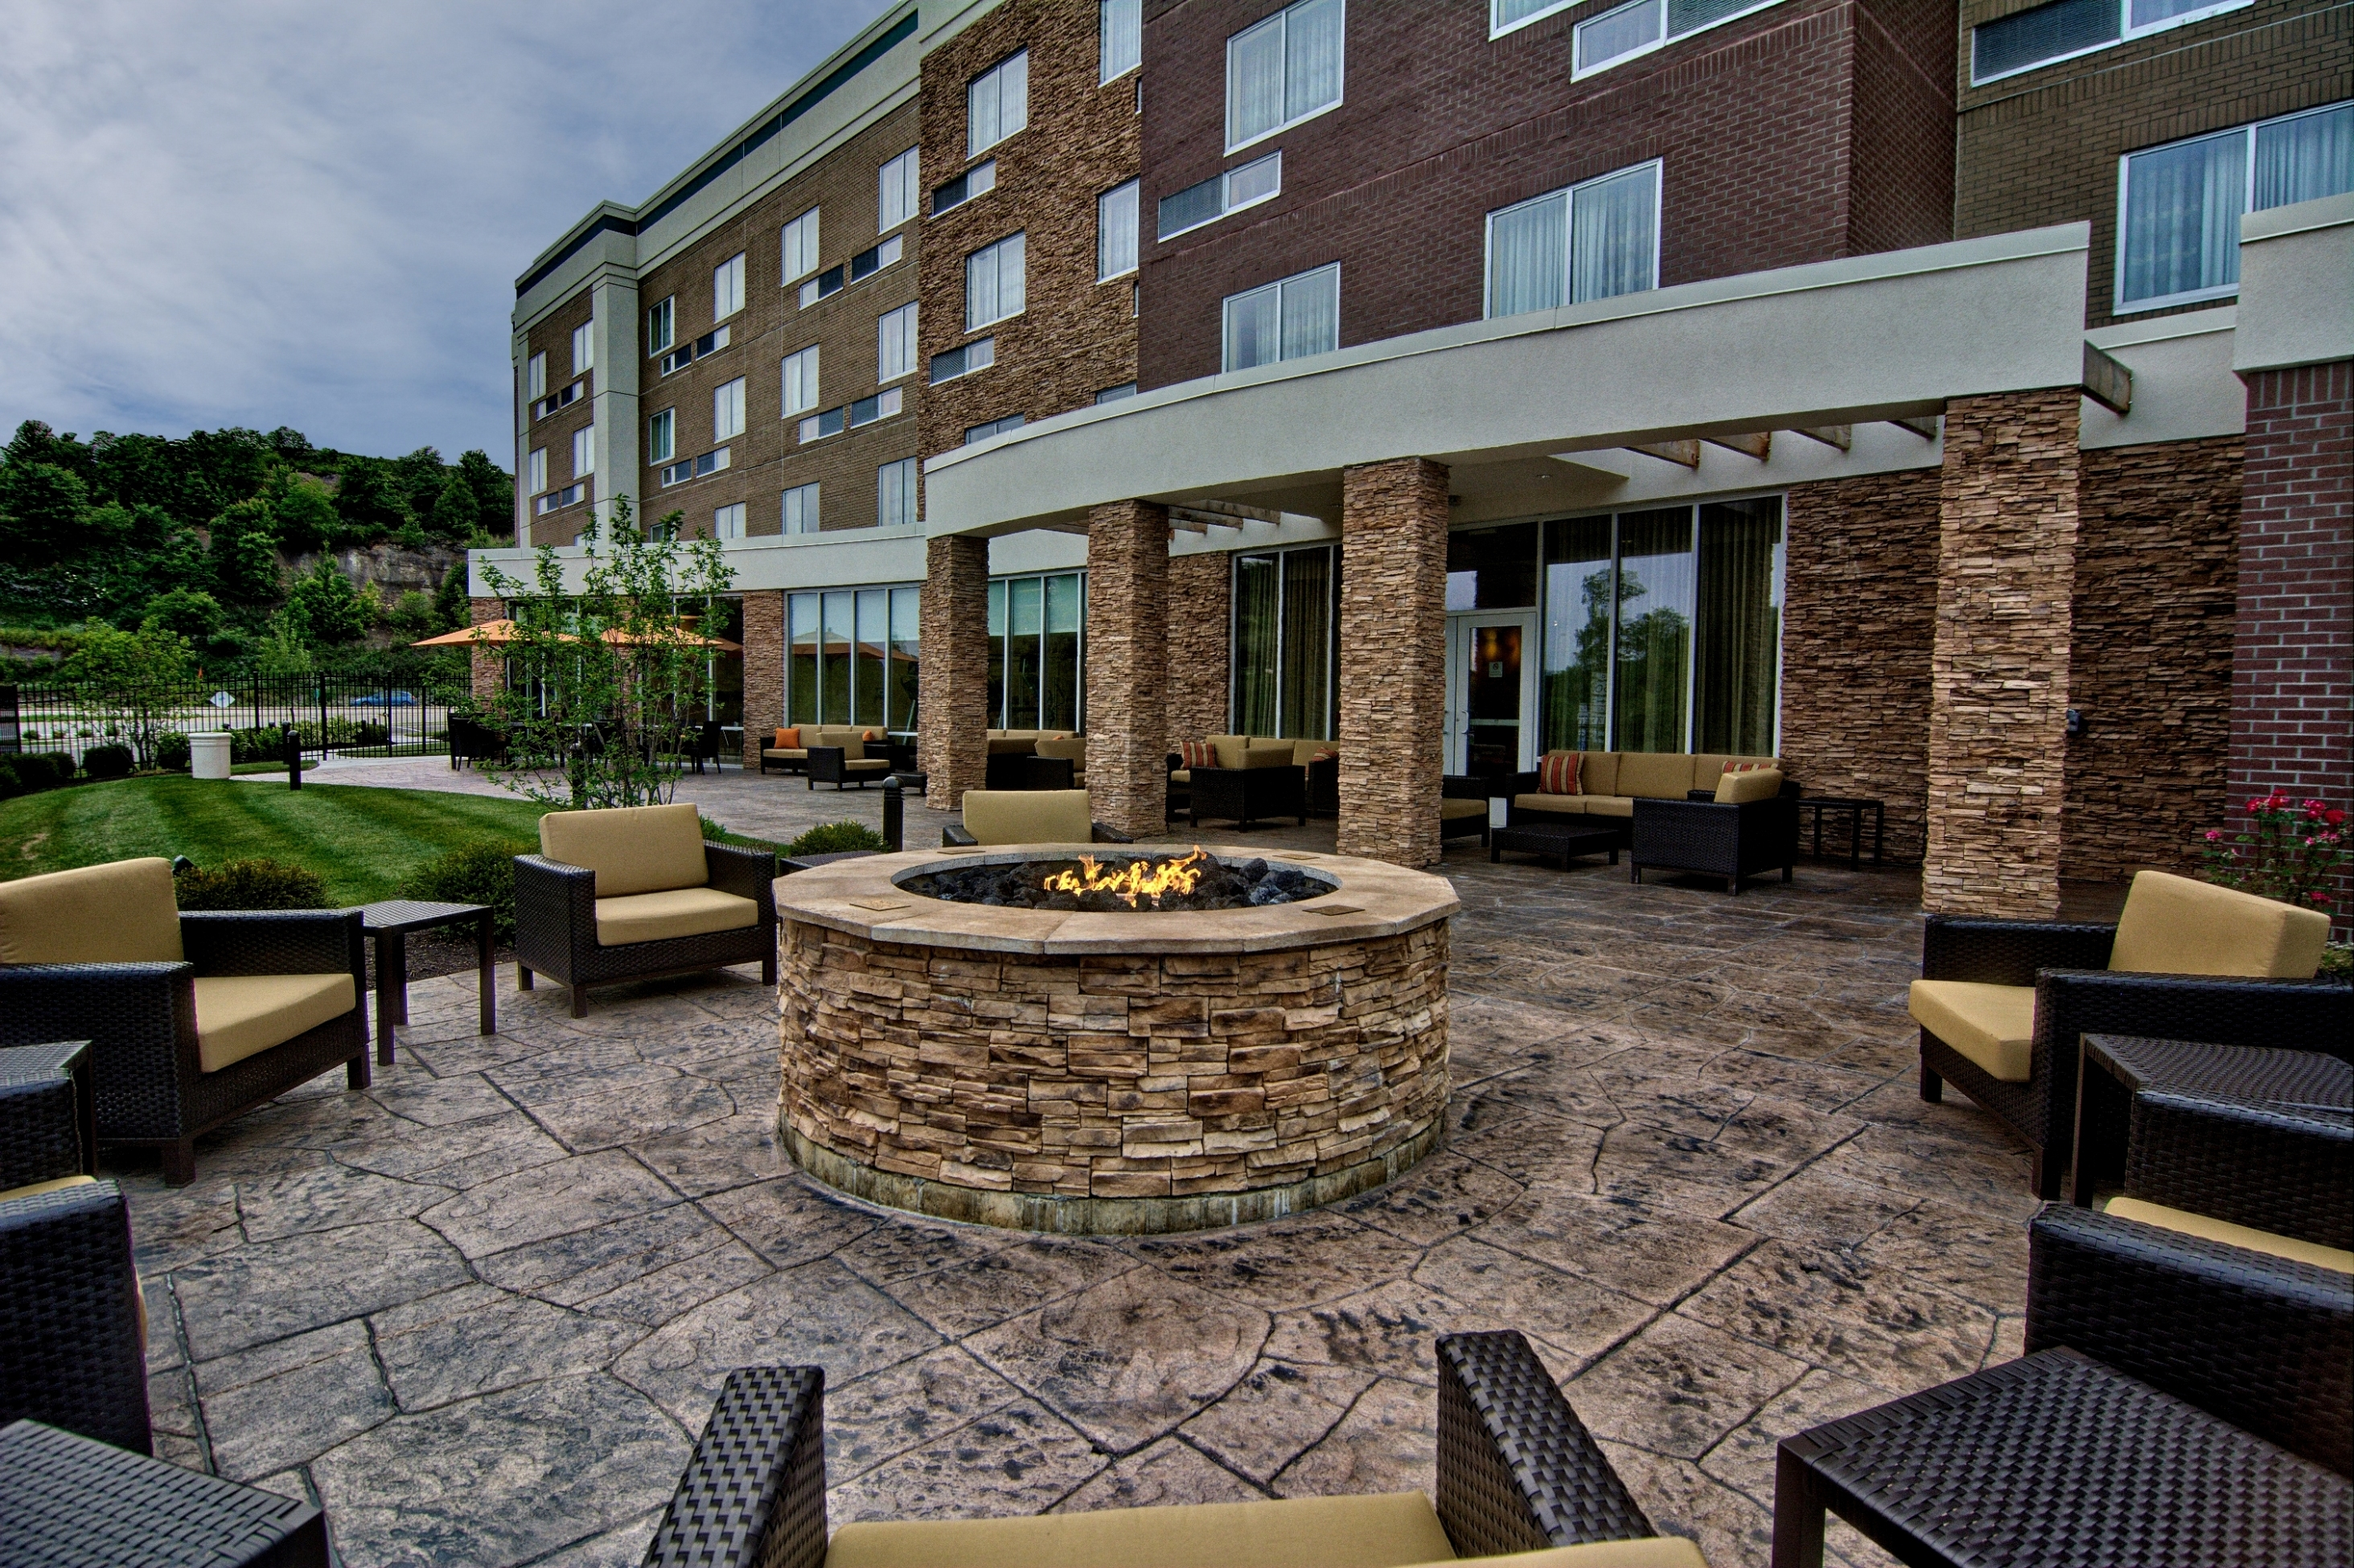 Courtyard By Marriott Bridgeport Clarksburg Bridgeport West Virginia Wv